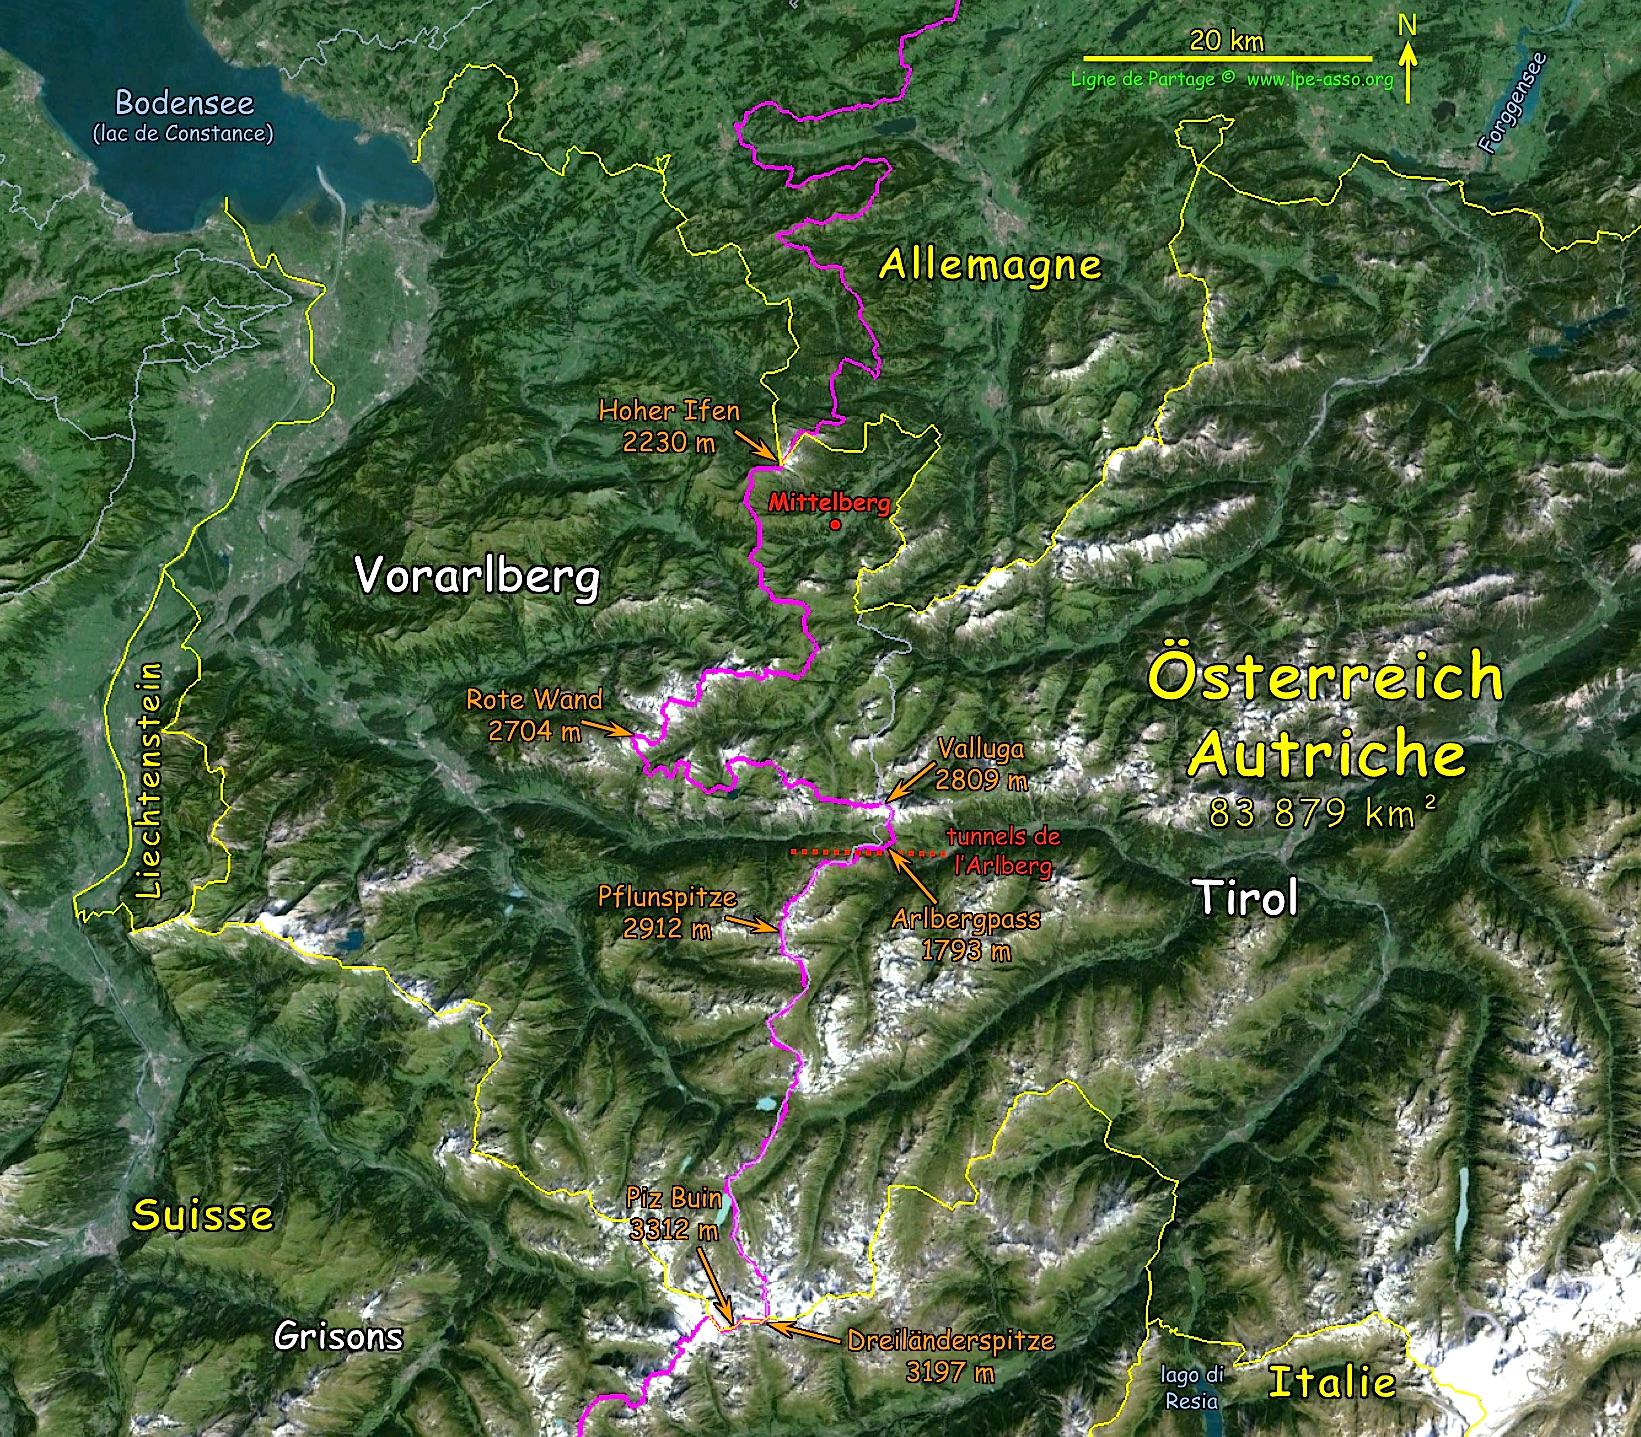 Carte ligne autriche ouest